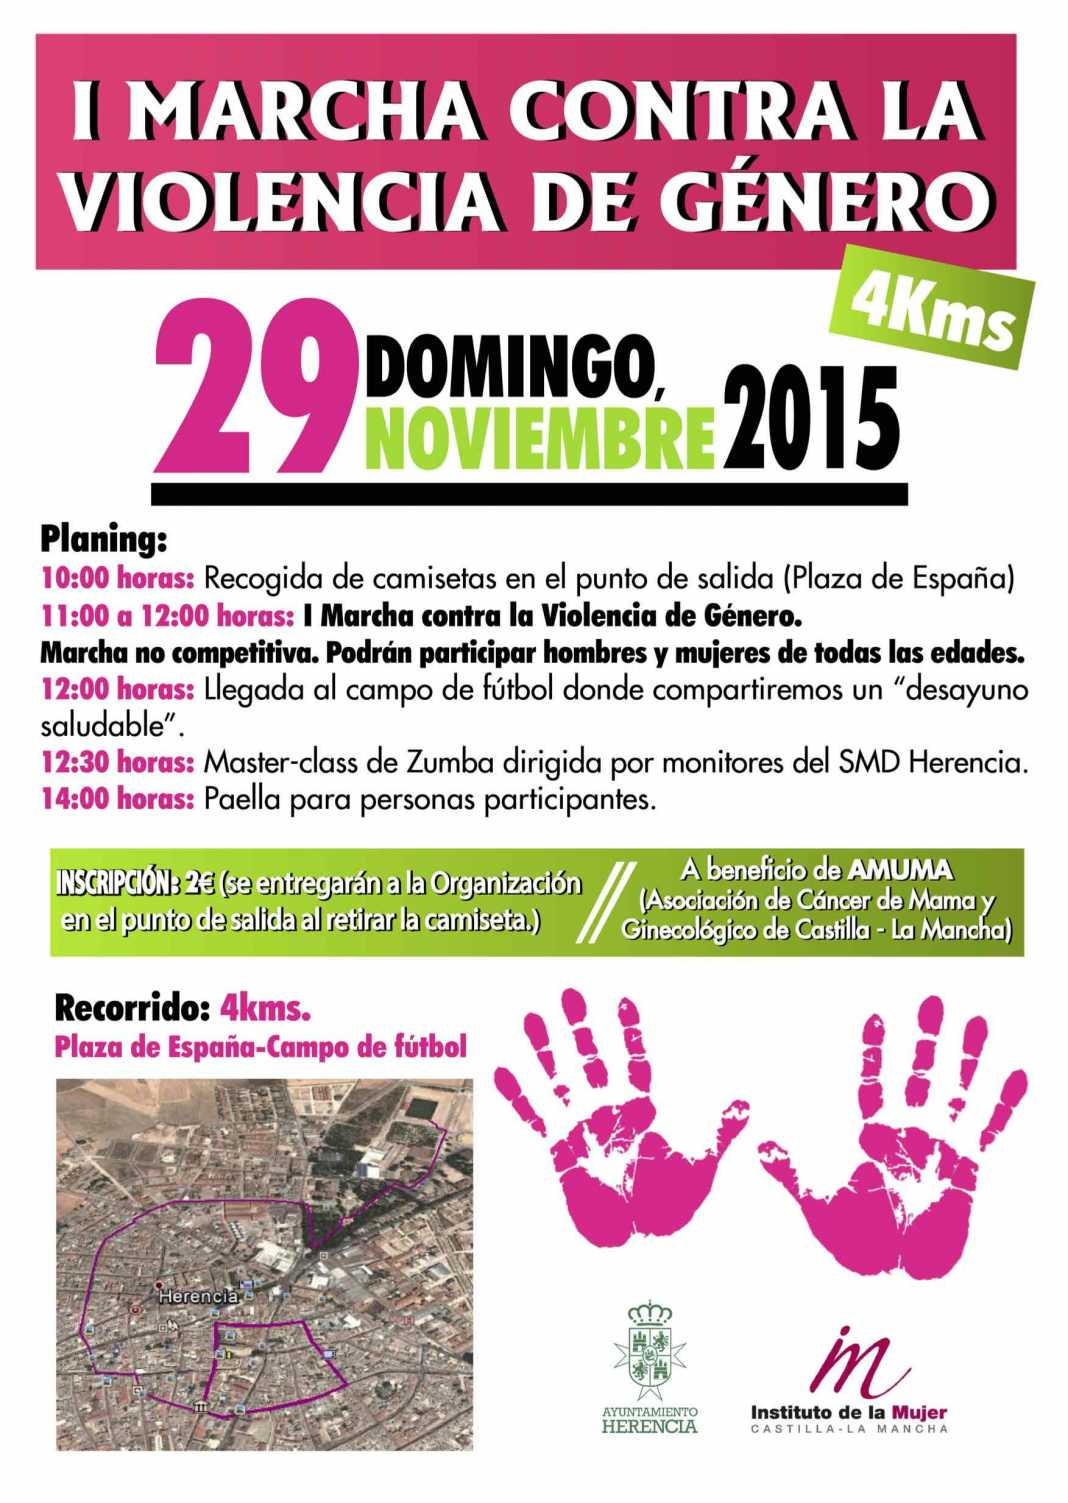 I Marcha contra la Violencia de Género en Herencia 1